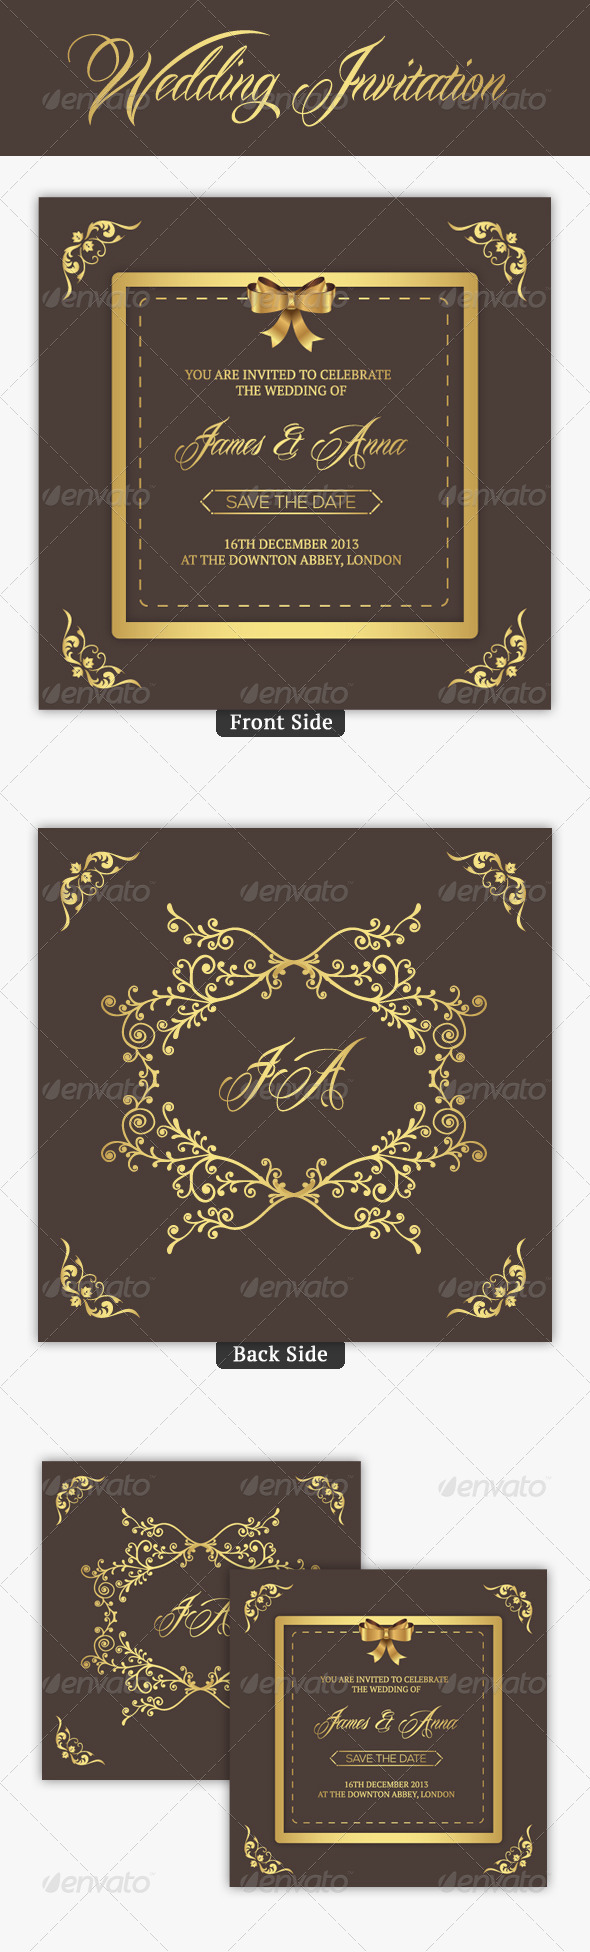 GraphicRiver Wedding Invitation 7702569